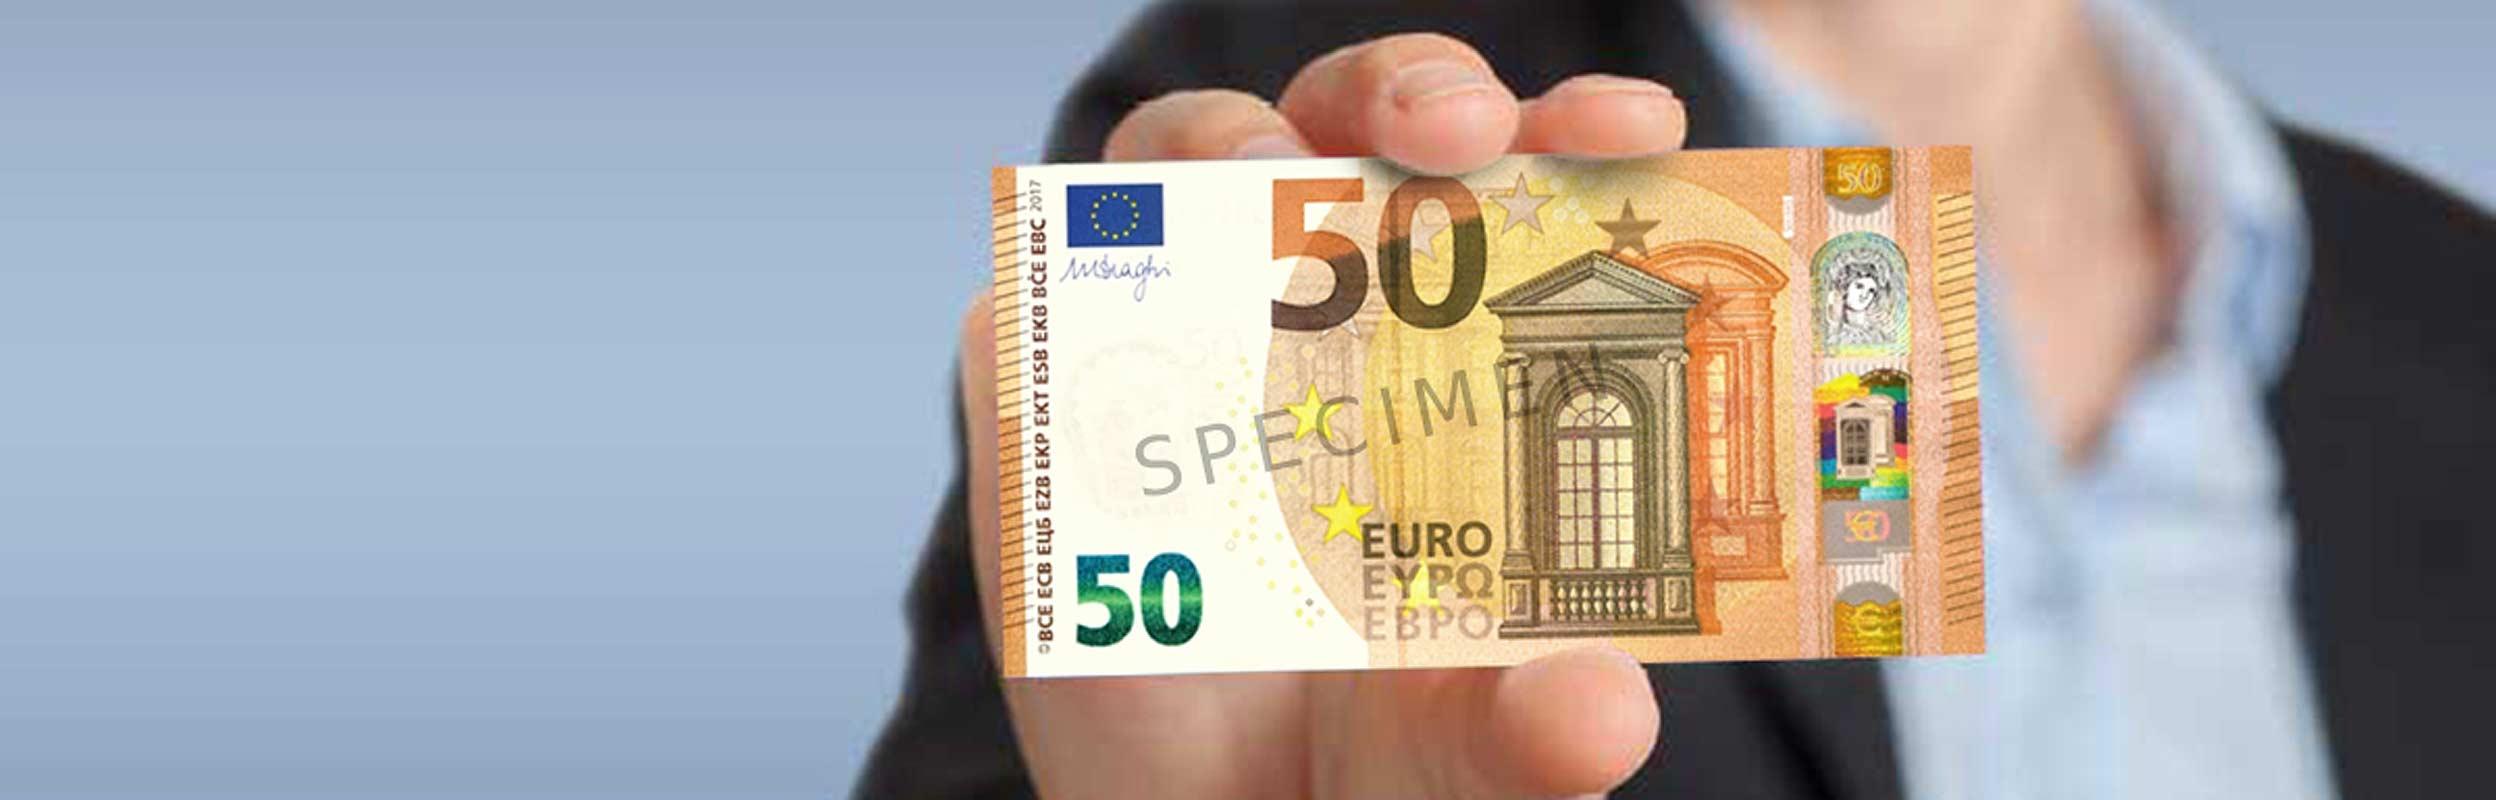 Le Nouveau Billet De 50 Euros Arrive Bientot Dossier Cic